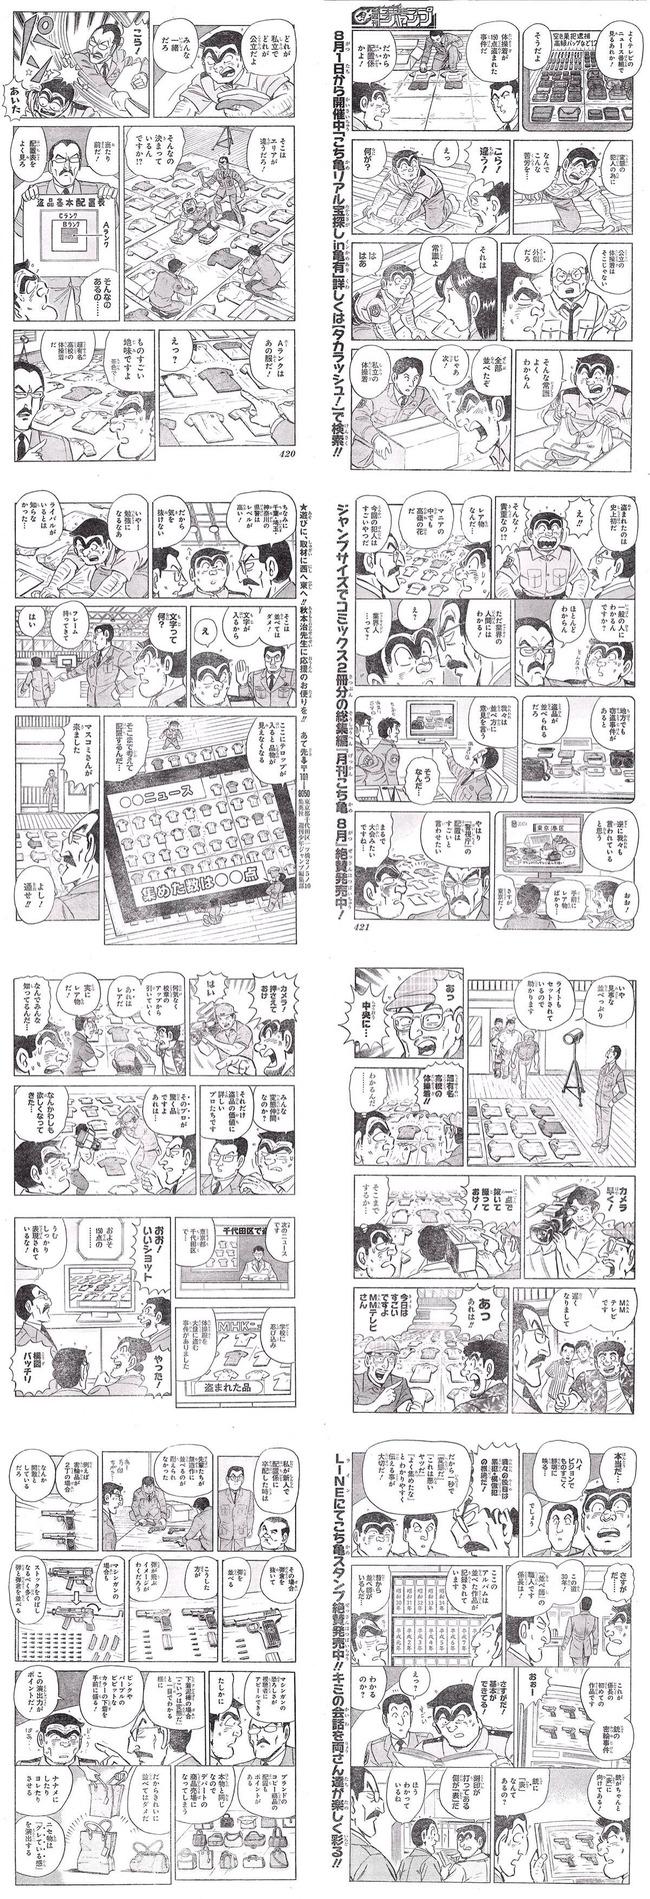 こち亀の秋本先生の知識量が凄まじい件wwwwwwwww